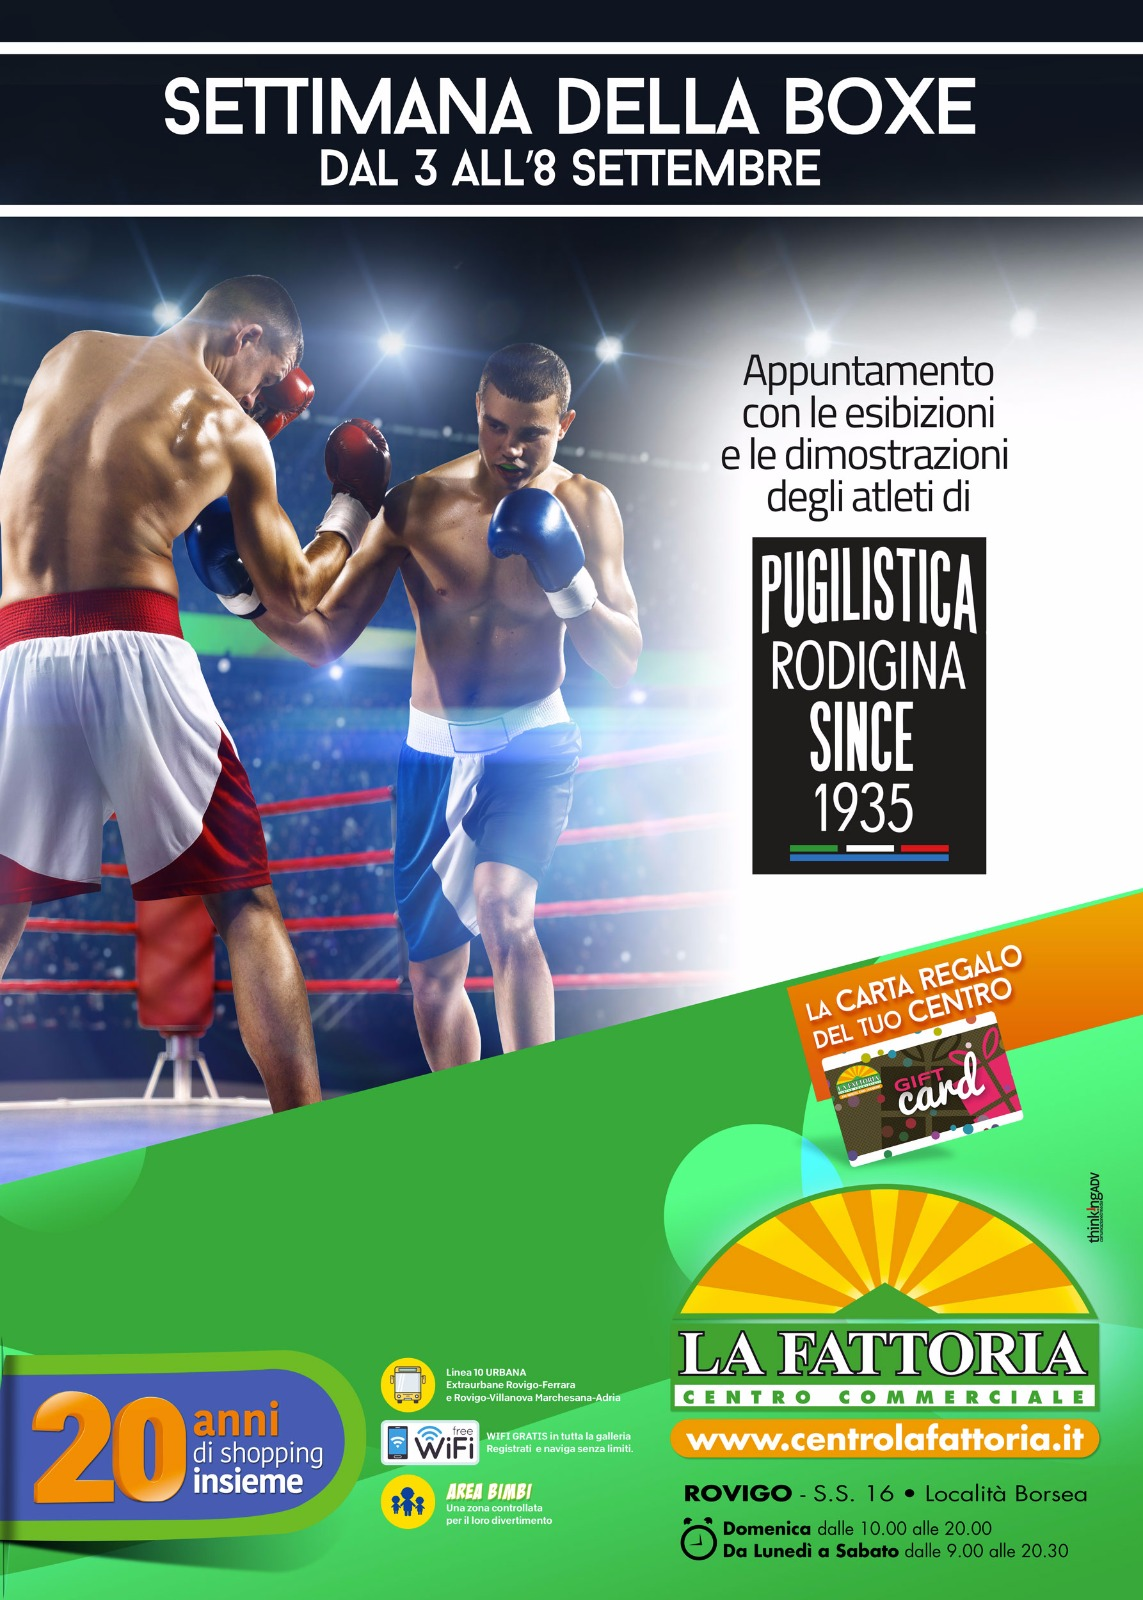 Settimana della boxe